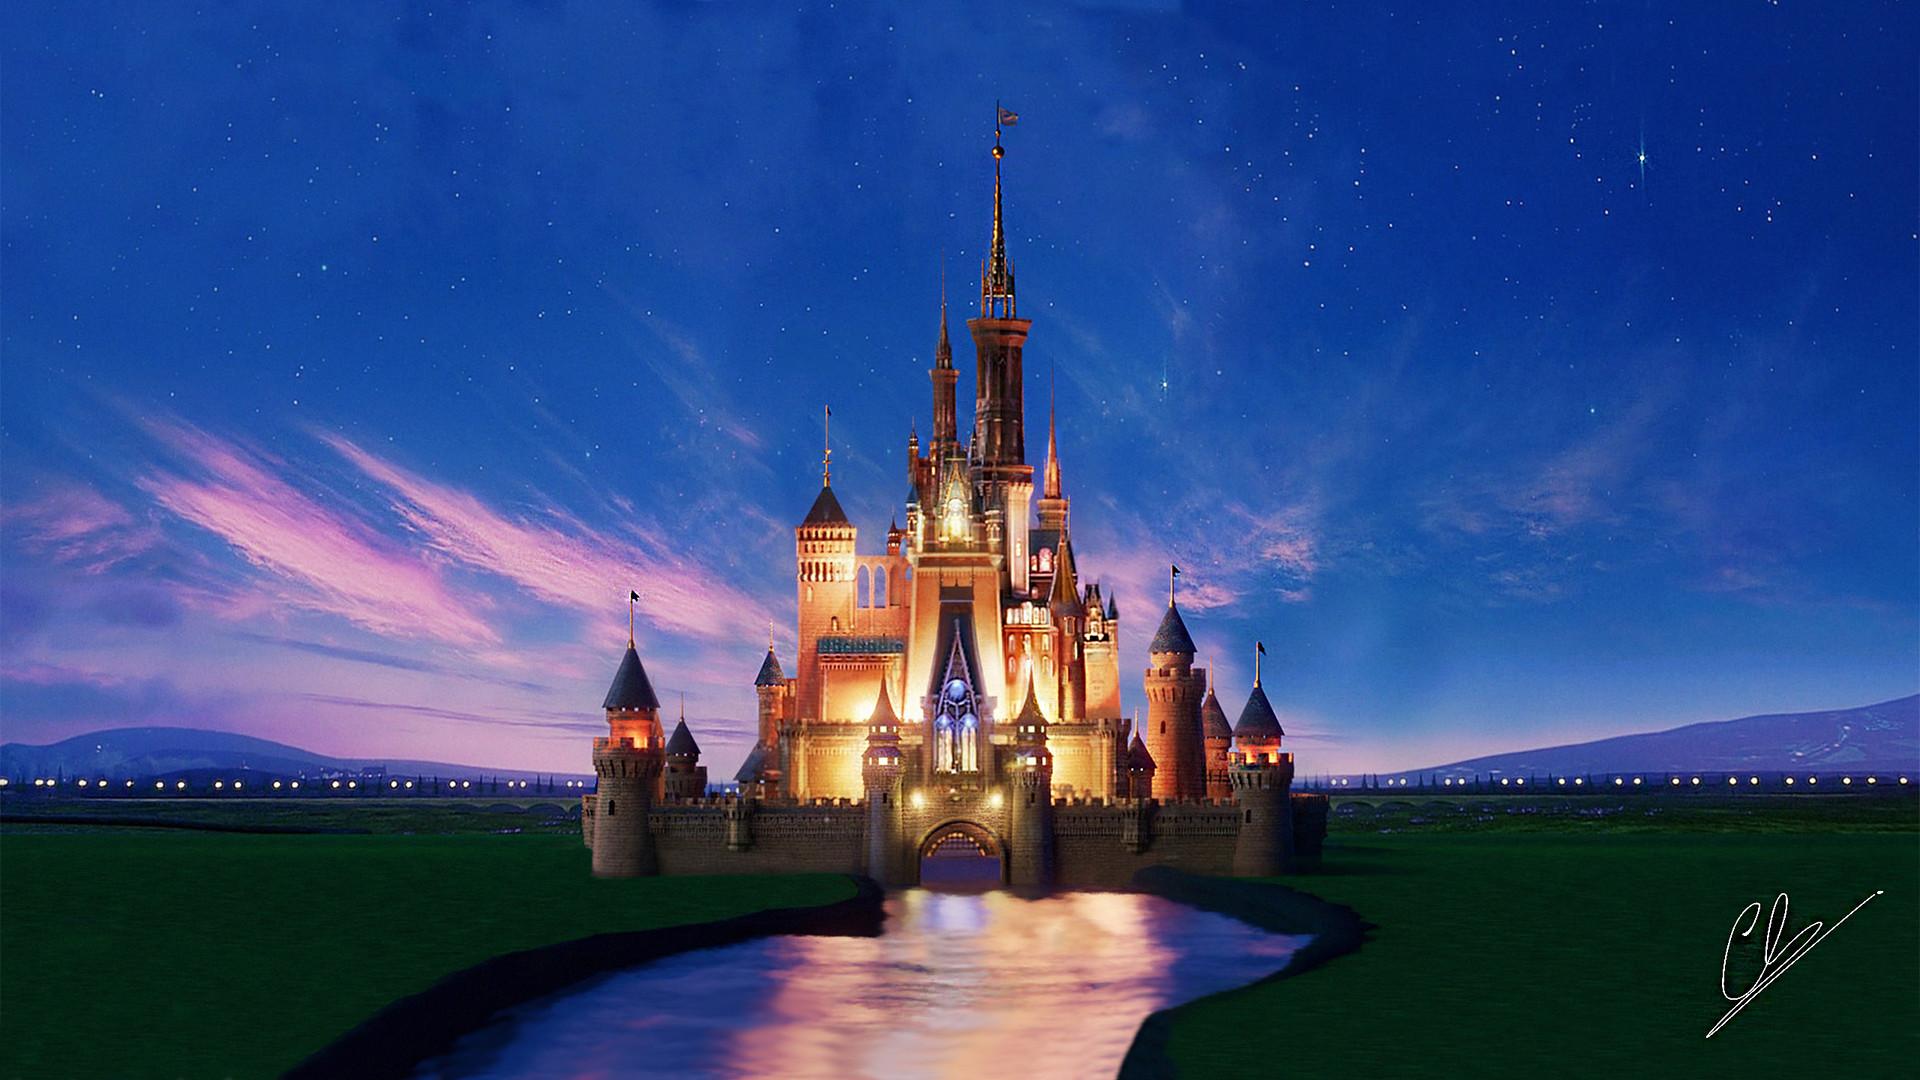 Artstation - Walt Disney Castle Pietro Chiovaro